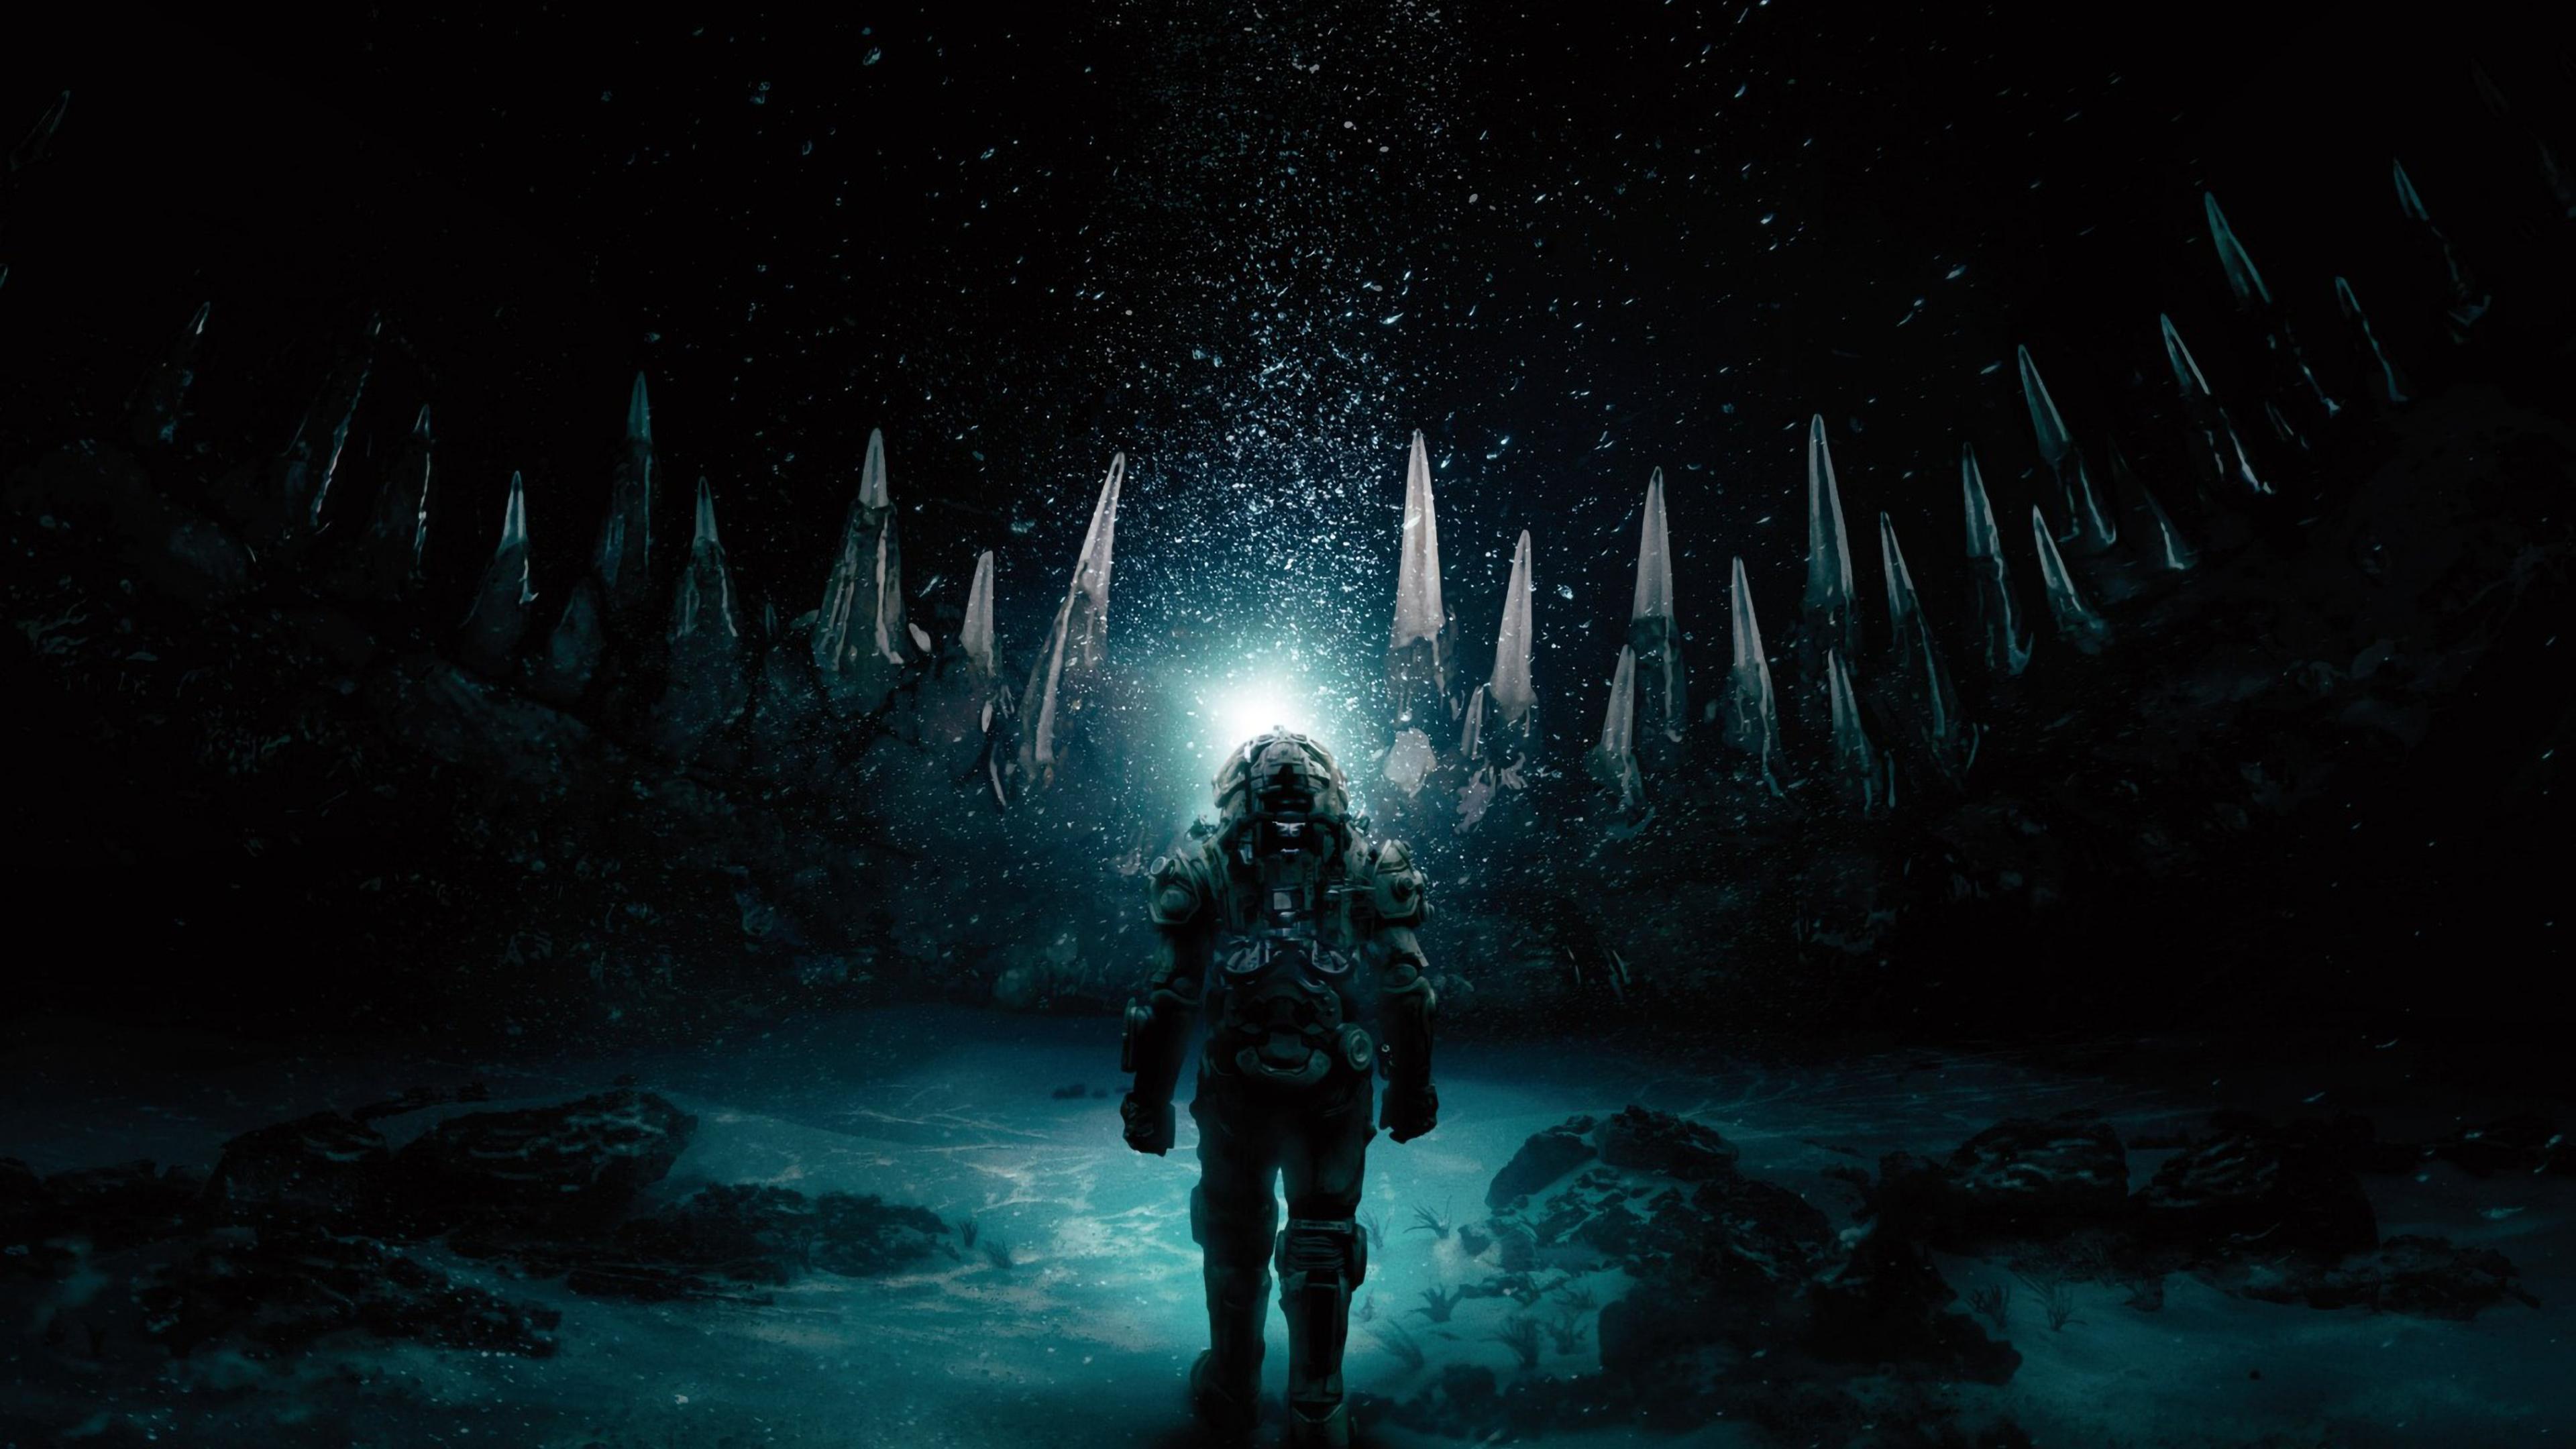 3840x2160 Underwater 2020 Movie 4K Wallpaper HD Movies 4K 3840x2160